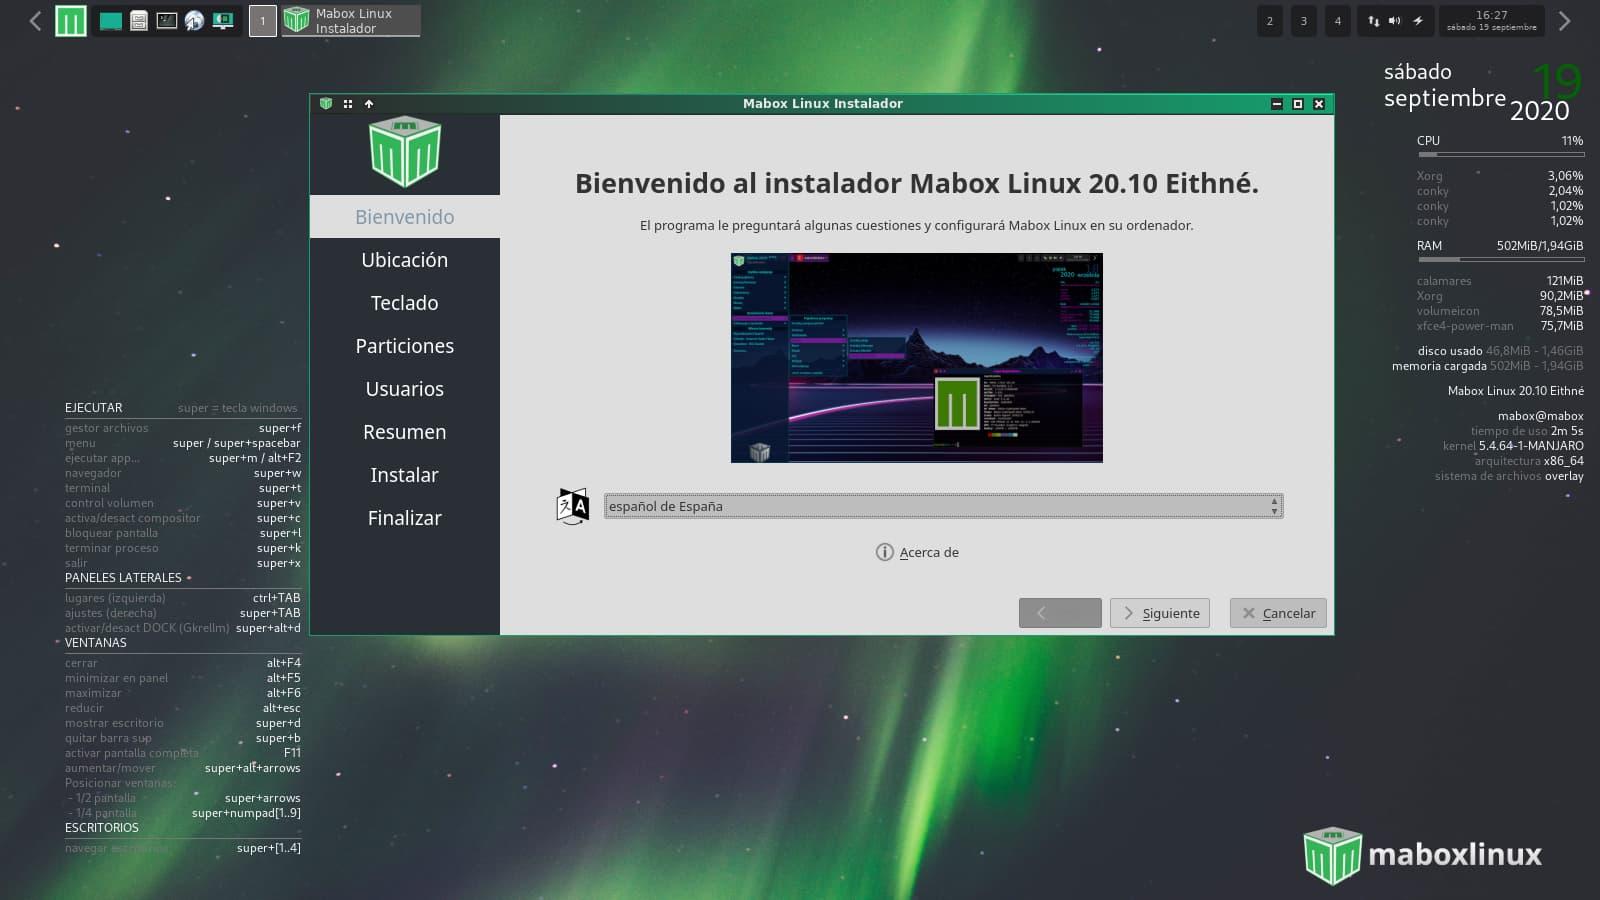 installer_ES